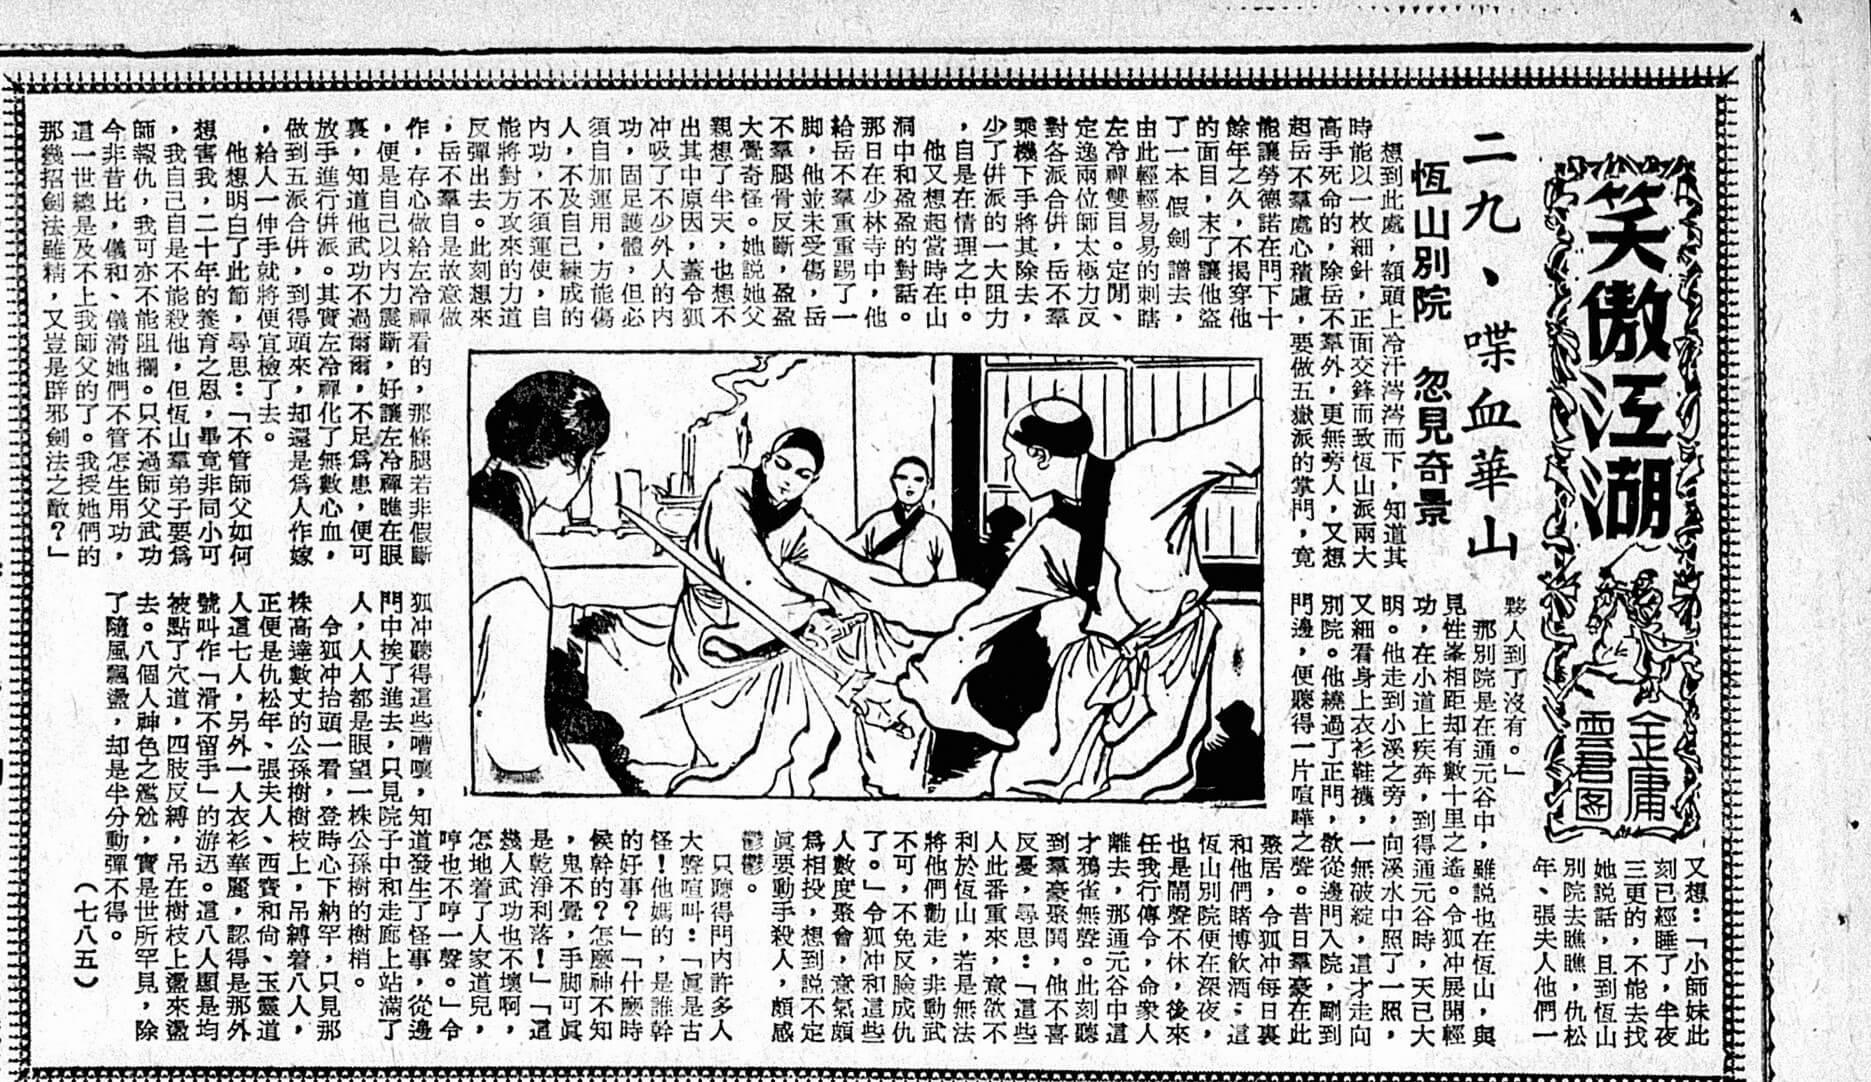 本版剪報為1969年7月22日美國太空人登月後的《明報》副刊專欄